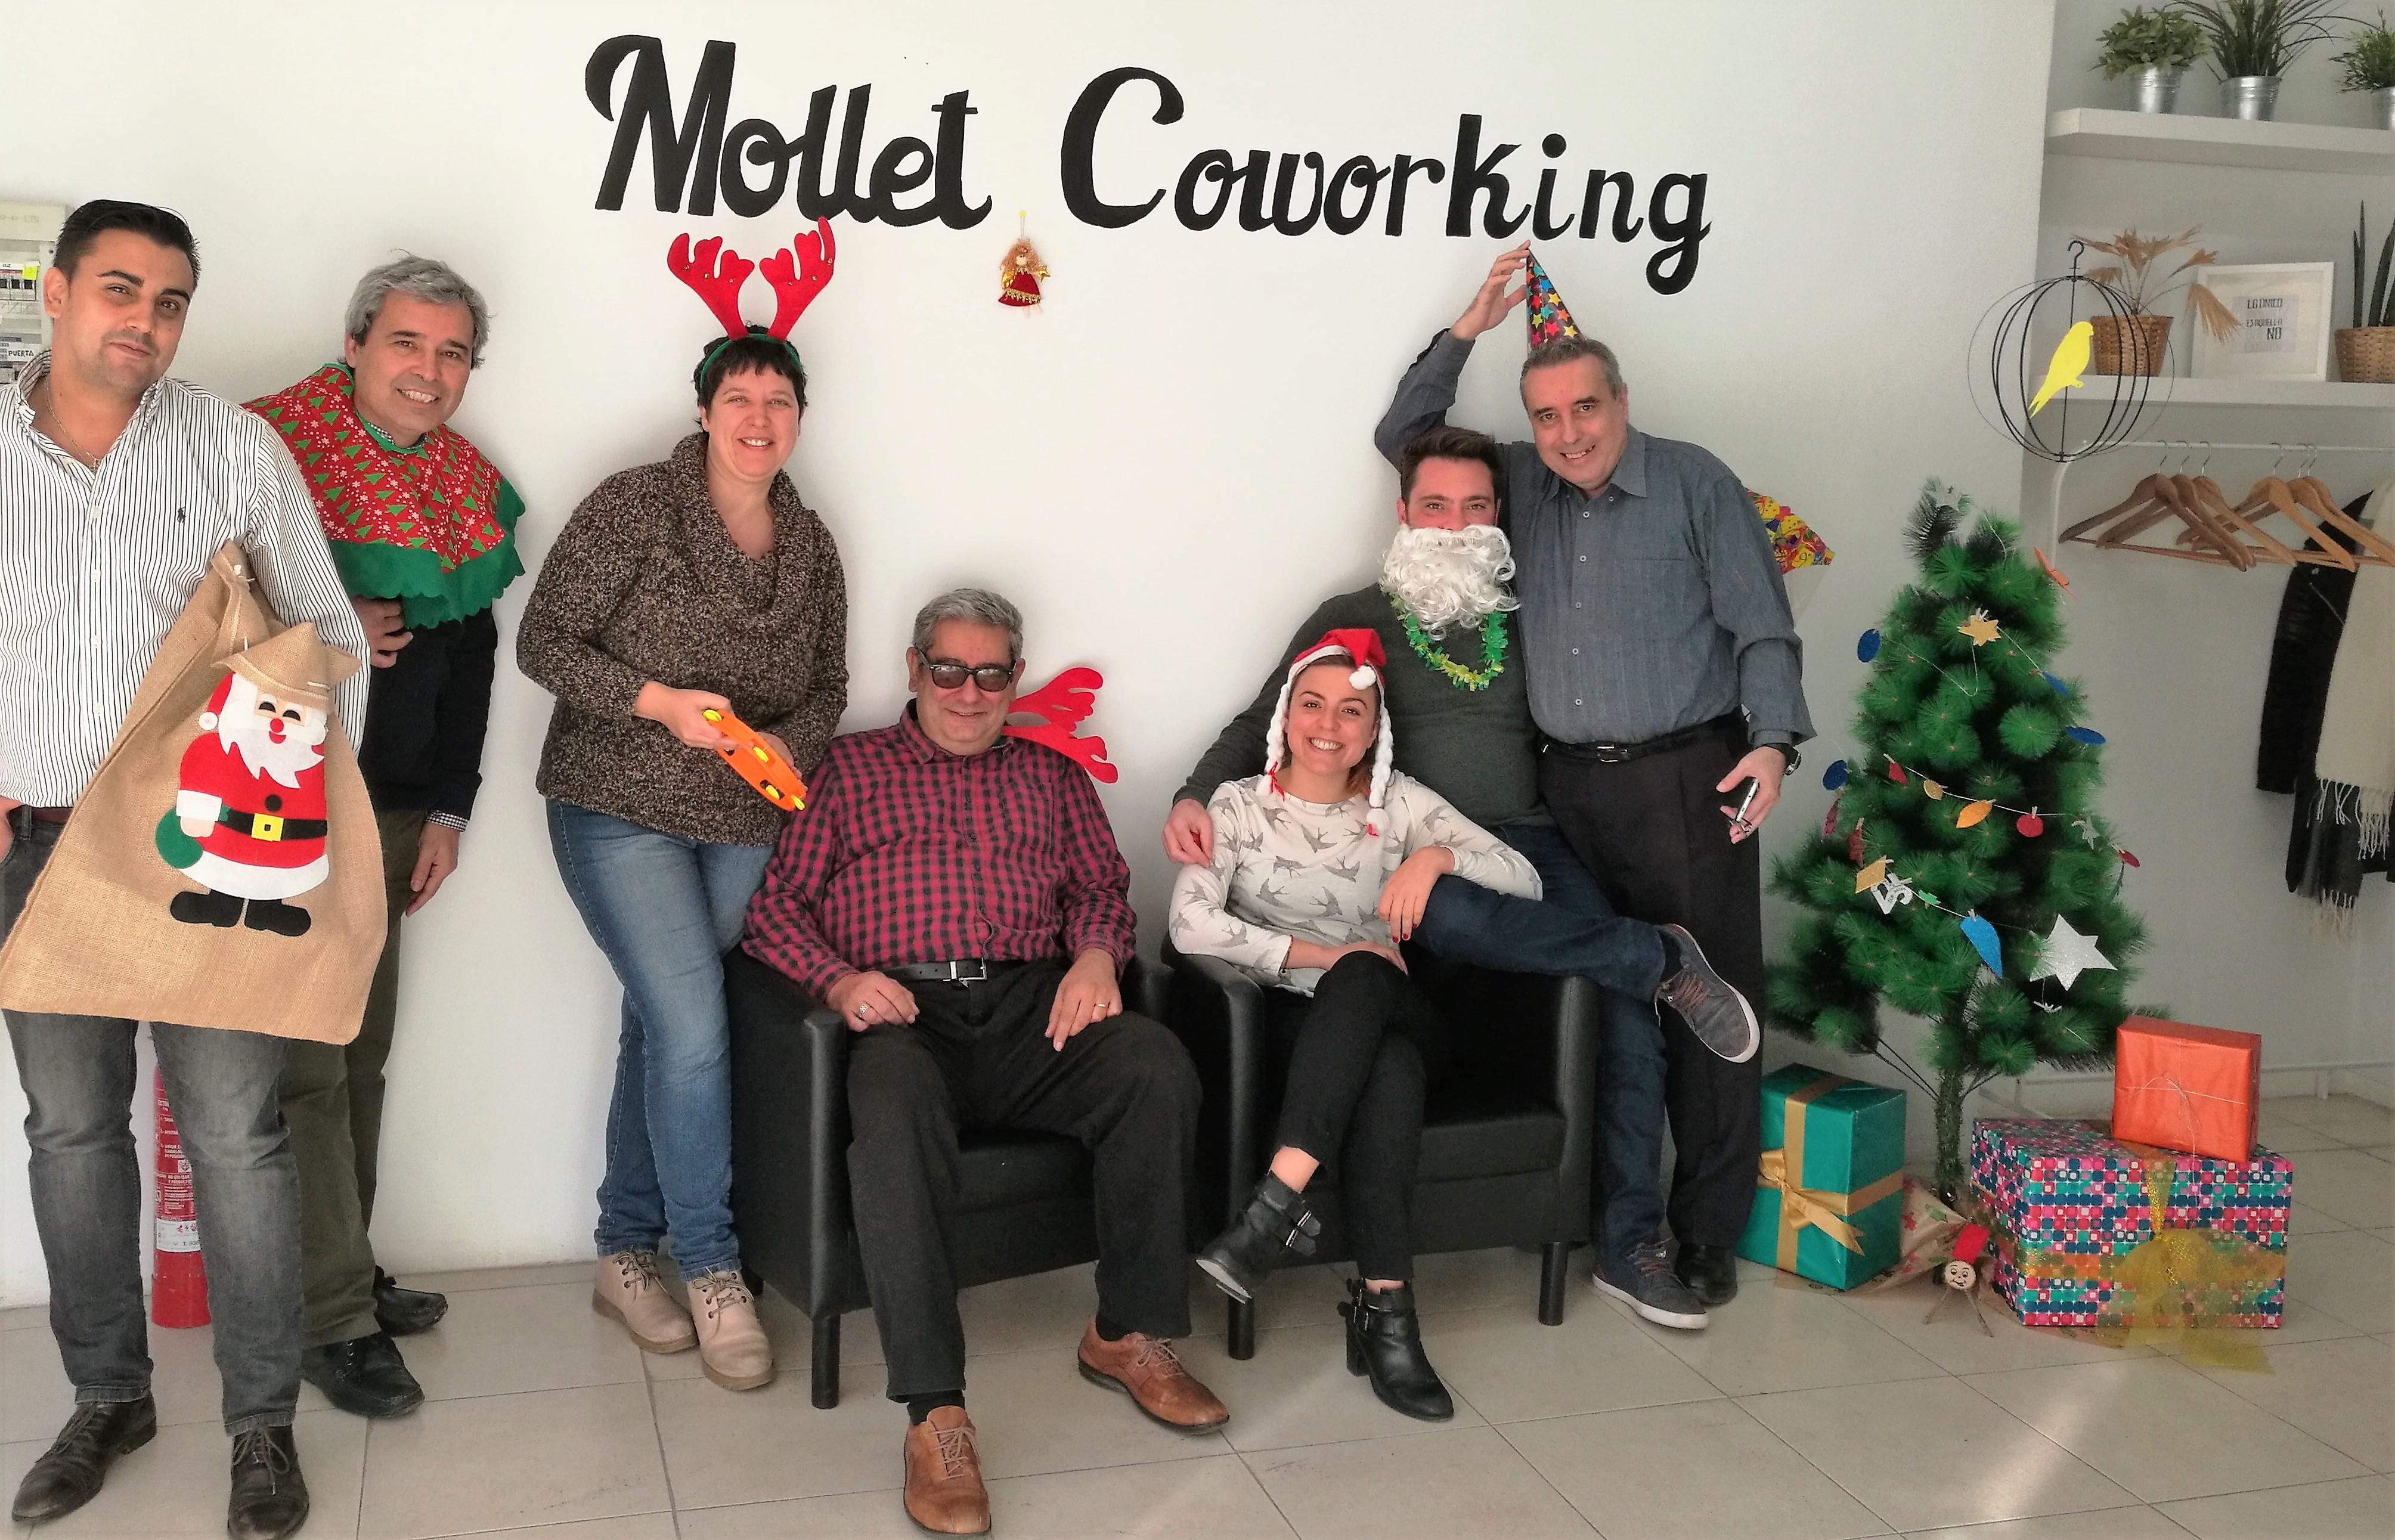 Autònoms Mollet Coworking